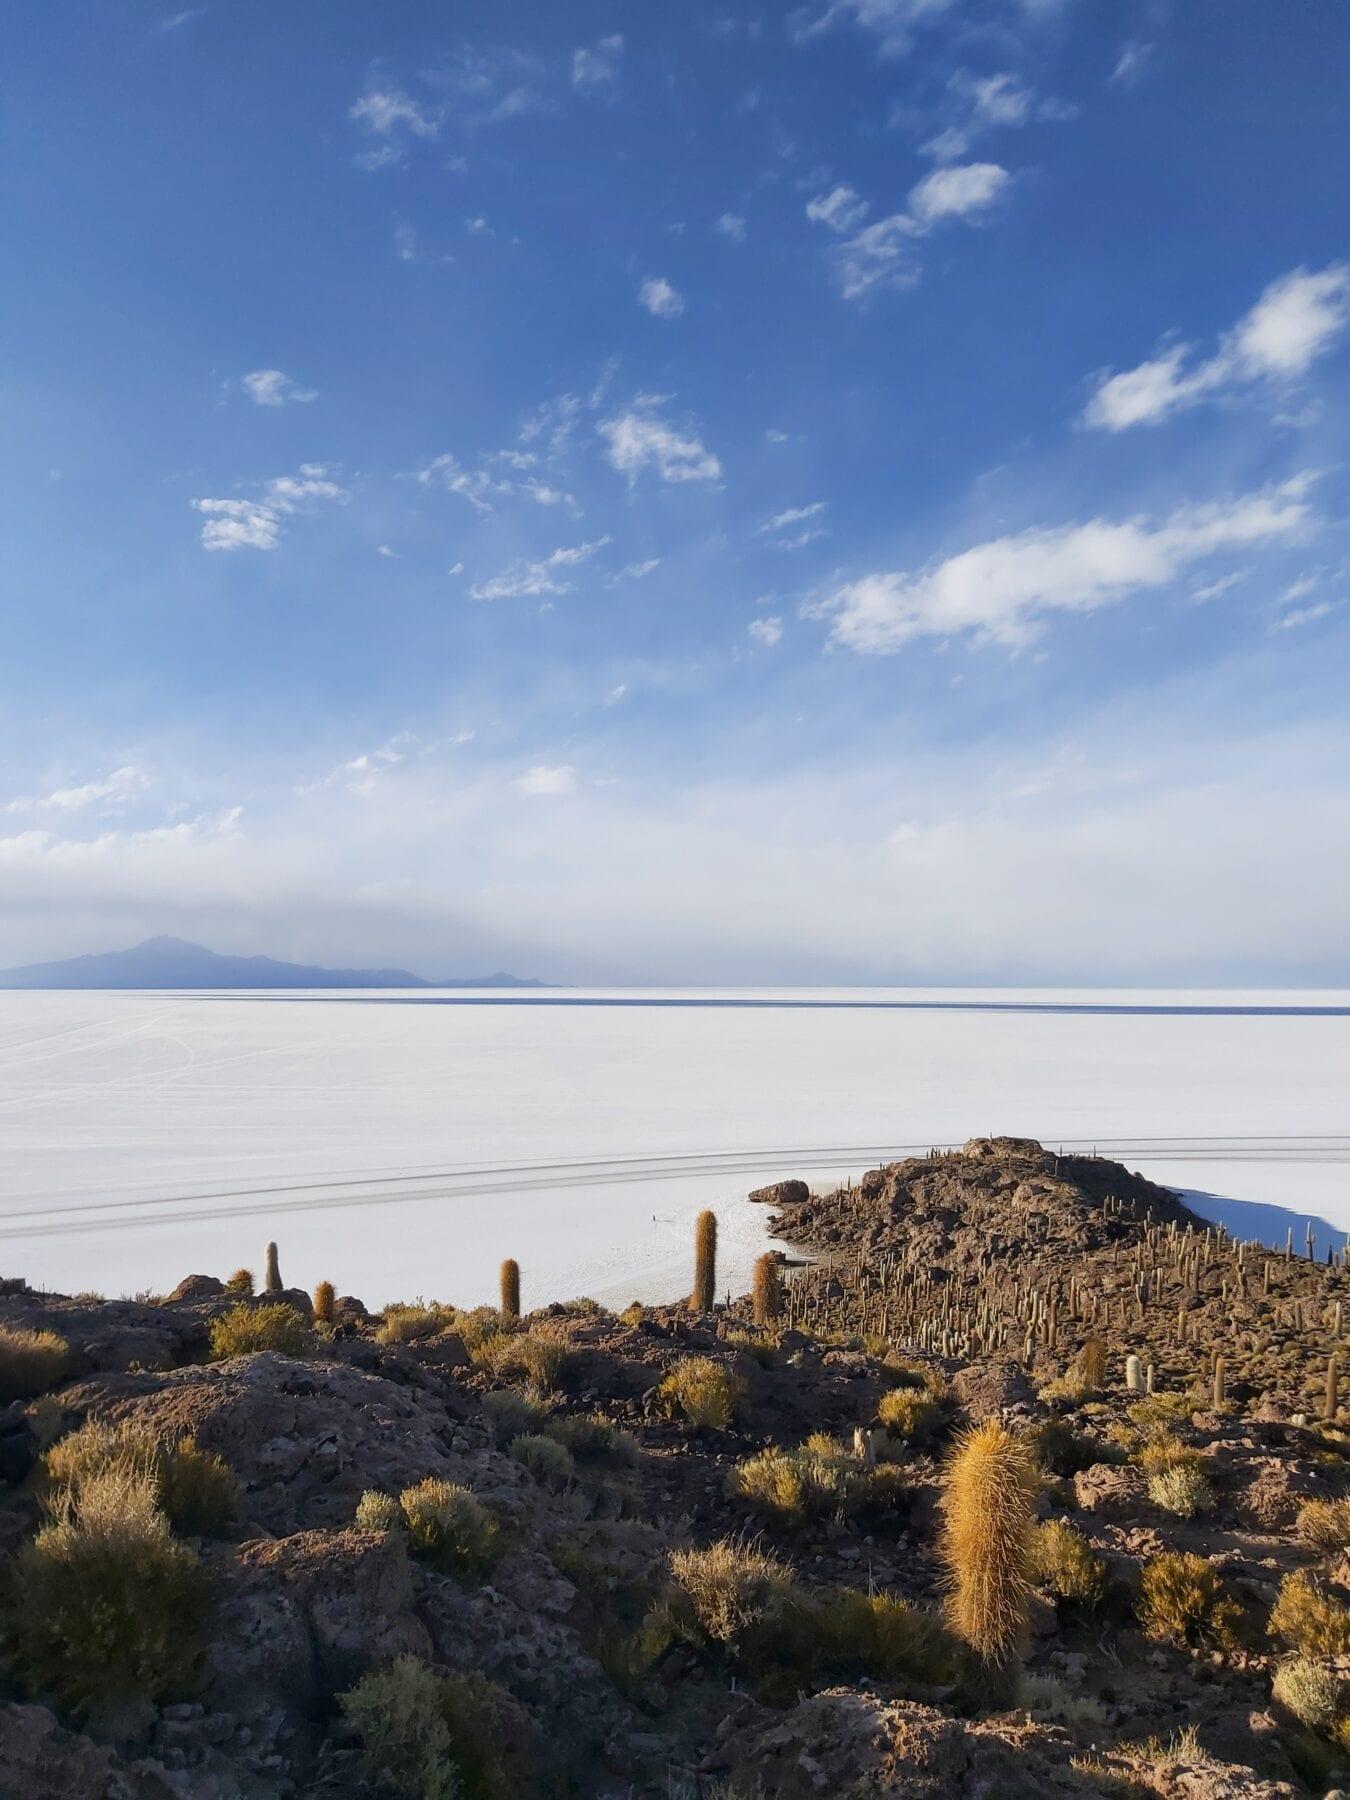 Eiland in de zoutvlakte in Bolivia